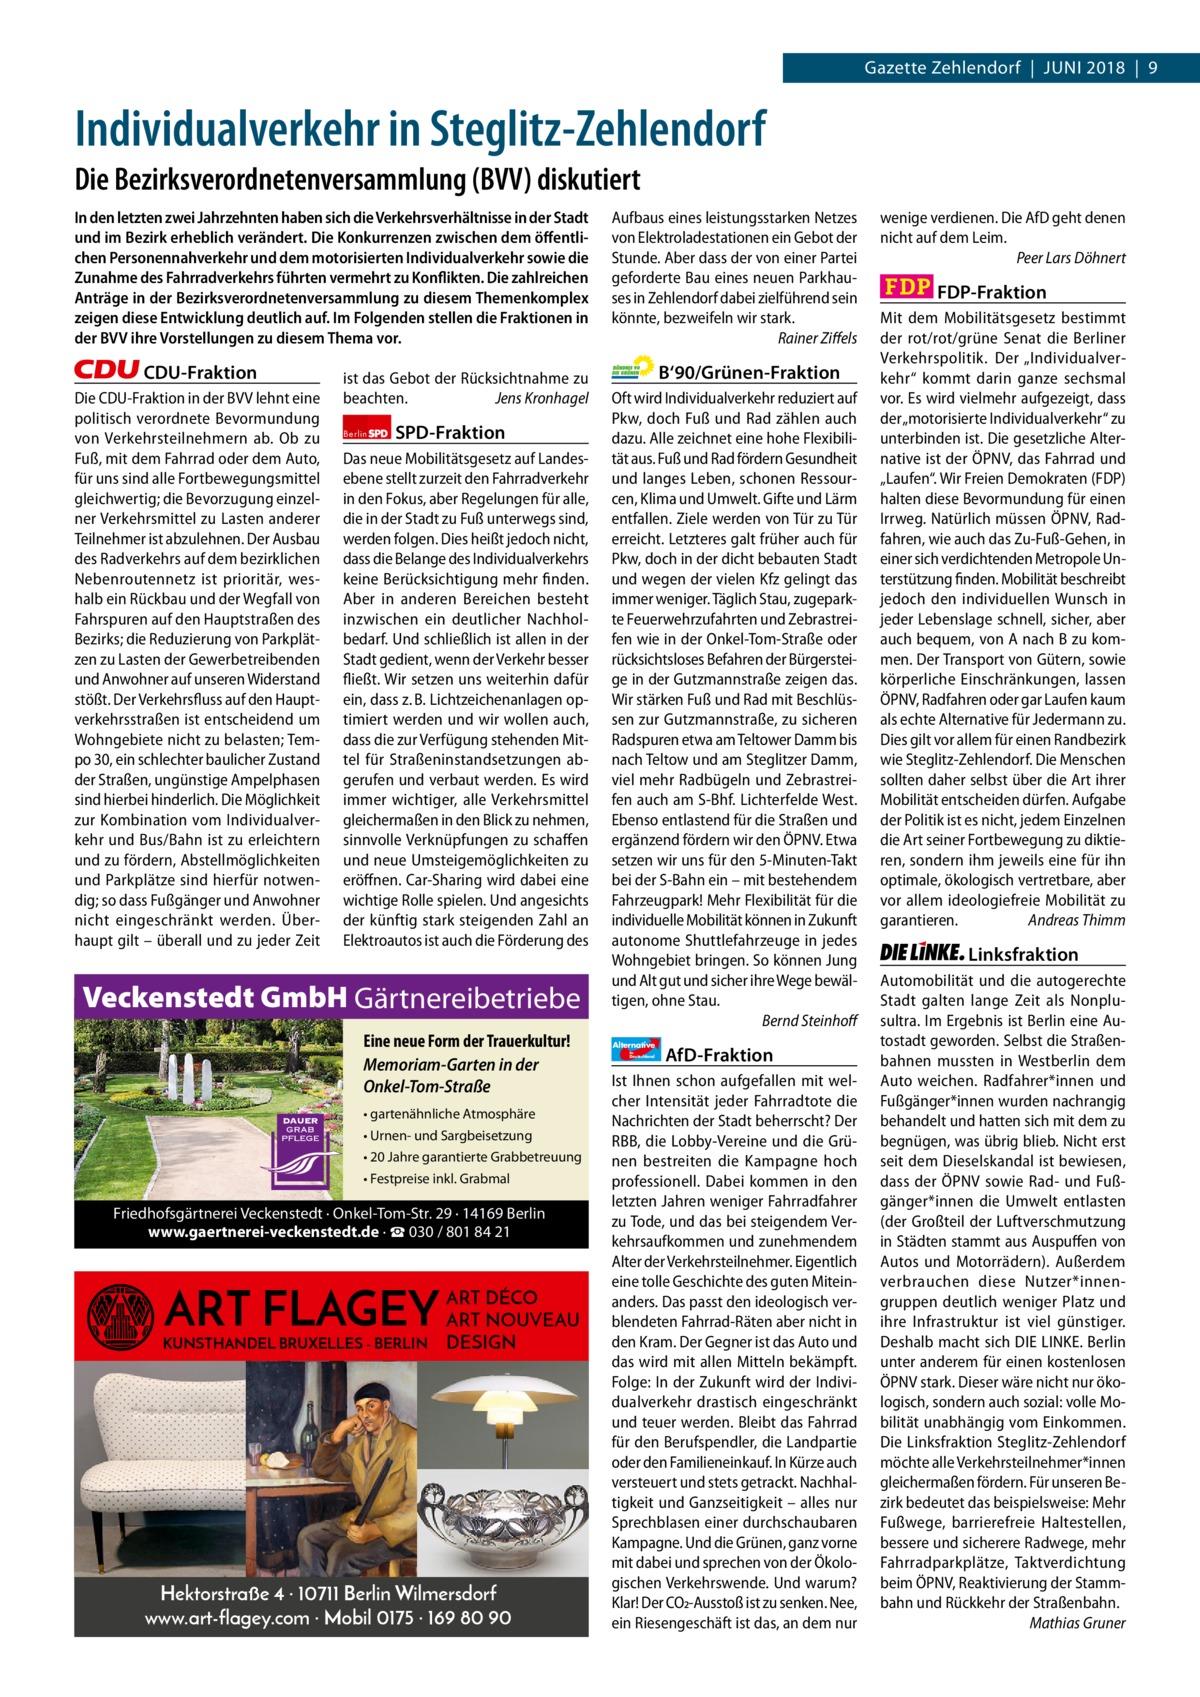 Gazette Zehlendorf|Juni 2018|9  1 | Gazette Zehlendorf | 2017  Individualverkehr in Steglitz-Zehlendorf Die Bezirksverordnetenversammlung (BVV) diskutiert In den letzten zwei Jahrzehnten haben sich die Verkehrsverhältnisse in der Stadt und im Bezirk erheblich verändert. Die Konkurrenzen zwischen dem öffentlichen Personennahverkehr und dem motorisierten Individualverkehr sowie die Zunahme des Fahrradverkehrs führten vermehrt zu Konflikten. Die zahlreichen Anträge in der Bezirksverordnetenversammlung zu diesem Themenkomplex zeigen diese Entwicklung deutlich auf. Im Folgenden stellen die Fraktionen in der BVV ihre Vorstellungen zu diesem Thema vor.  CDU-Fraktion Die CDU-Fraktion in der BVV lehnt eine politisch verordnete Bevormundung von Verkehrsteilnehmern ab. Ob zu Fuß, mit dem Fahrrad oder dem Auto, für uns sind alle Fortbewegungsmittel gleichwertig; die Bevorzugung einzelner Verkehrsmittel zu Lasten anderer Teilnehmer ist abzulehnen. Der Ausbau des Radverkehrs auf dem bezirklichen Nebenroutennetz ist prioritär, weshalb ein Rückbau und der Wegfall von Fahrspuren auf den Hauptstraßen des Bezirks; die Reduzierung von Parkplätzen zu Lasten der Gewerbetreibenden und Anwohner auf unseren Widerstand stößt. Der Verkehrsfluss auf den Hauptverkehrsstraßen ist entscheidend um Wohngebiete nicht zu belasten; Tempo30, ein schlechter baulicher Zustand der Straßen, ungünstige Ampelphasen sind hierbei hinderlich. Die Möglichkeit zur Kombination vom Individualverkehr und Bus/Bahn ist zu erleichtern und zu fördern, Abstellmöglichkeiten und Parkplätze sind hierfür notwendig; so dass Fußgänger und Anwohner nicht eingeschränkt werden. Überhaupt gilt – überall und zu jeder Zeit  ist das Gebot der Rücksichtnahme zu beachten. Jens Kronhagel Berlin  SPD-Fraktion  Das neue Mobilitätsgesetz auf Landesebene stellt zurzeit den Fahrradverkehr in den Fokus, aber Regelungen für alle, die in der Stadt zu Fuß unterwegs sind, werden folgen. Dies heißt jedoch nicht, dass die Belange des Individualverk